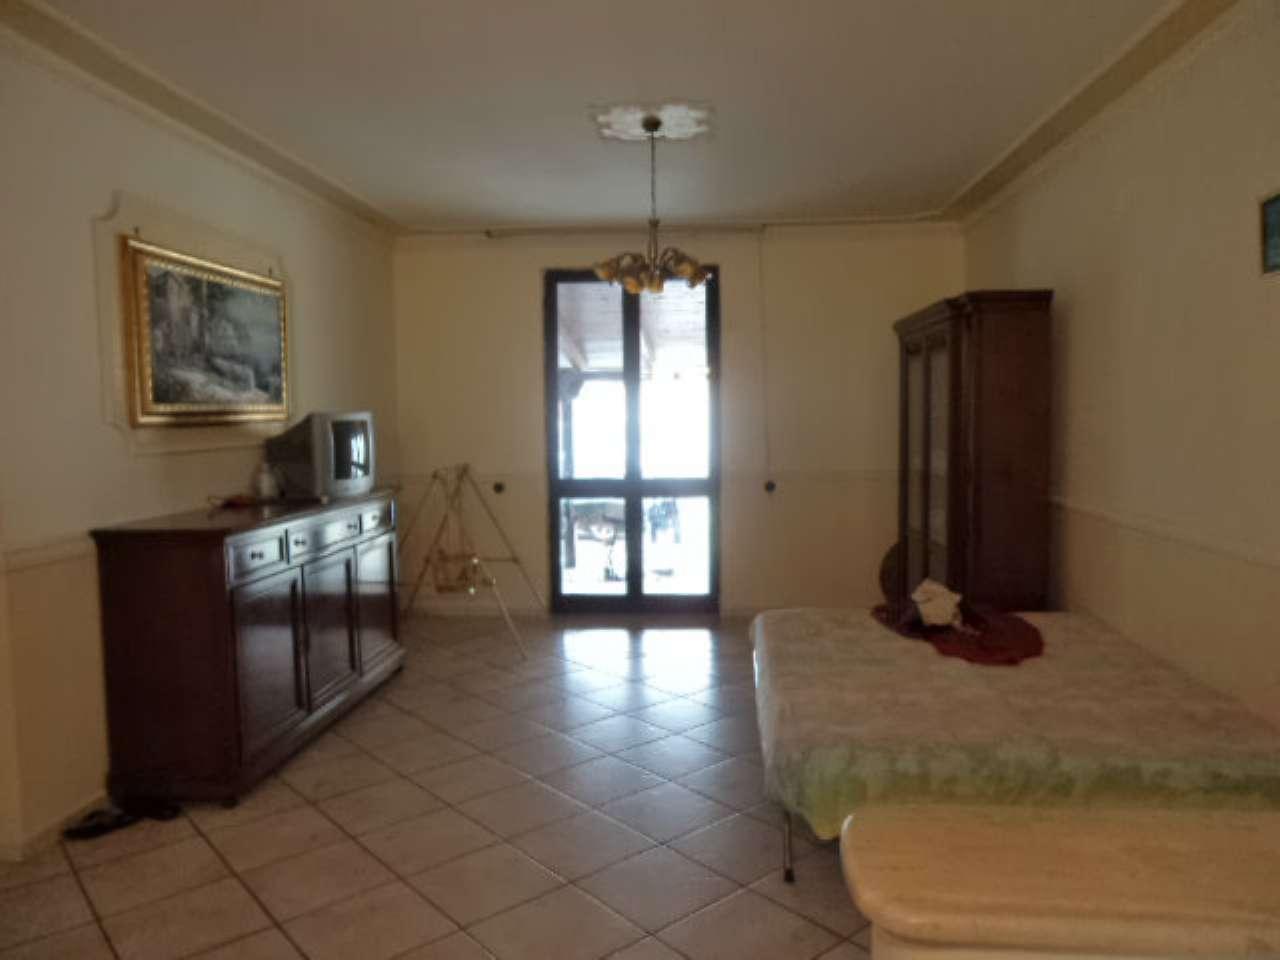 Villa Bifamiliare in vendita a Casal di Principe, 6 locali, prezzo € 250.000 | CambioCasa.it